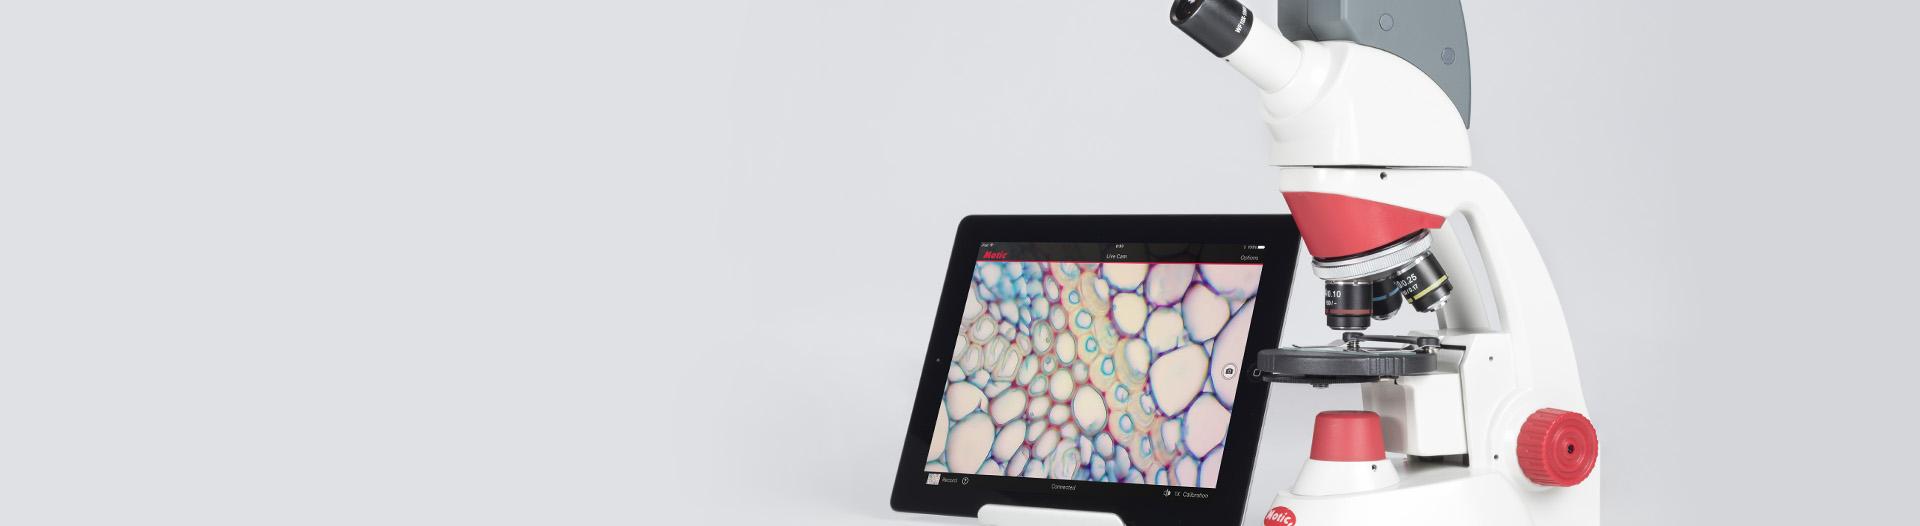 RED50X microscope wi-fi